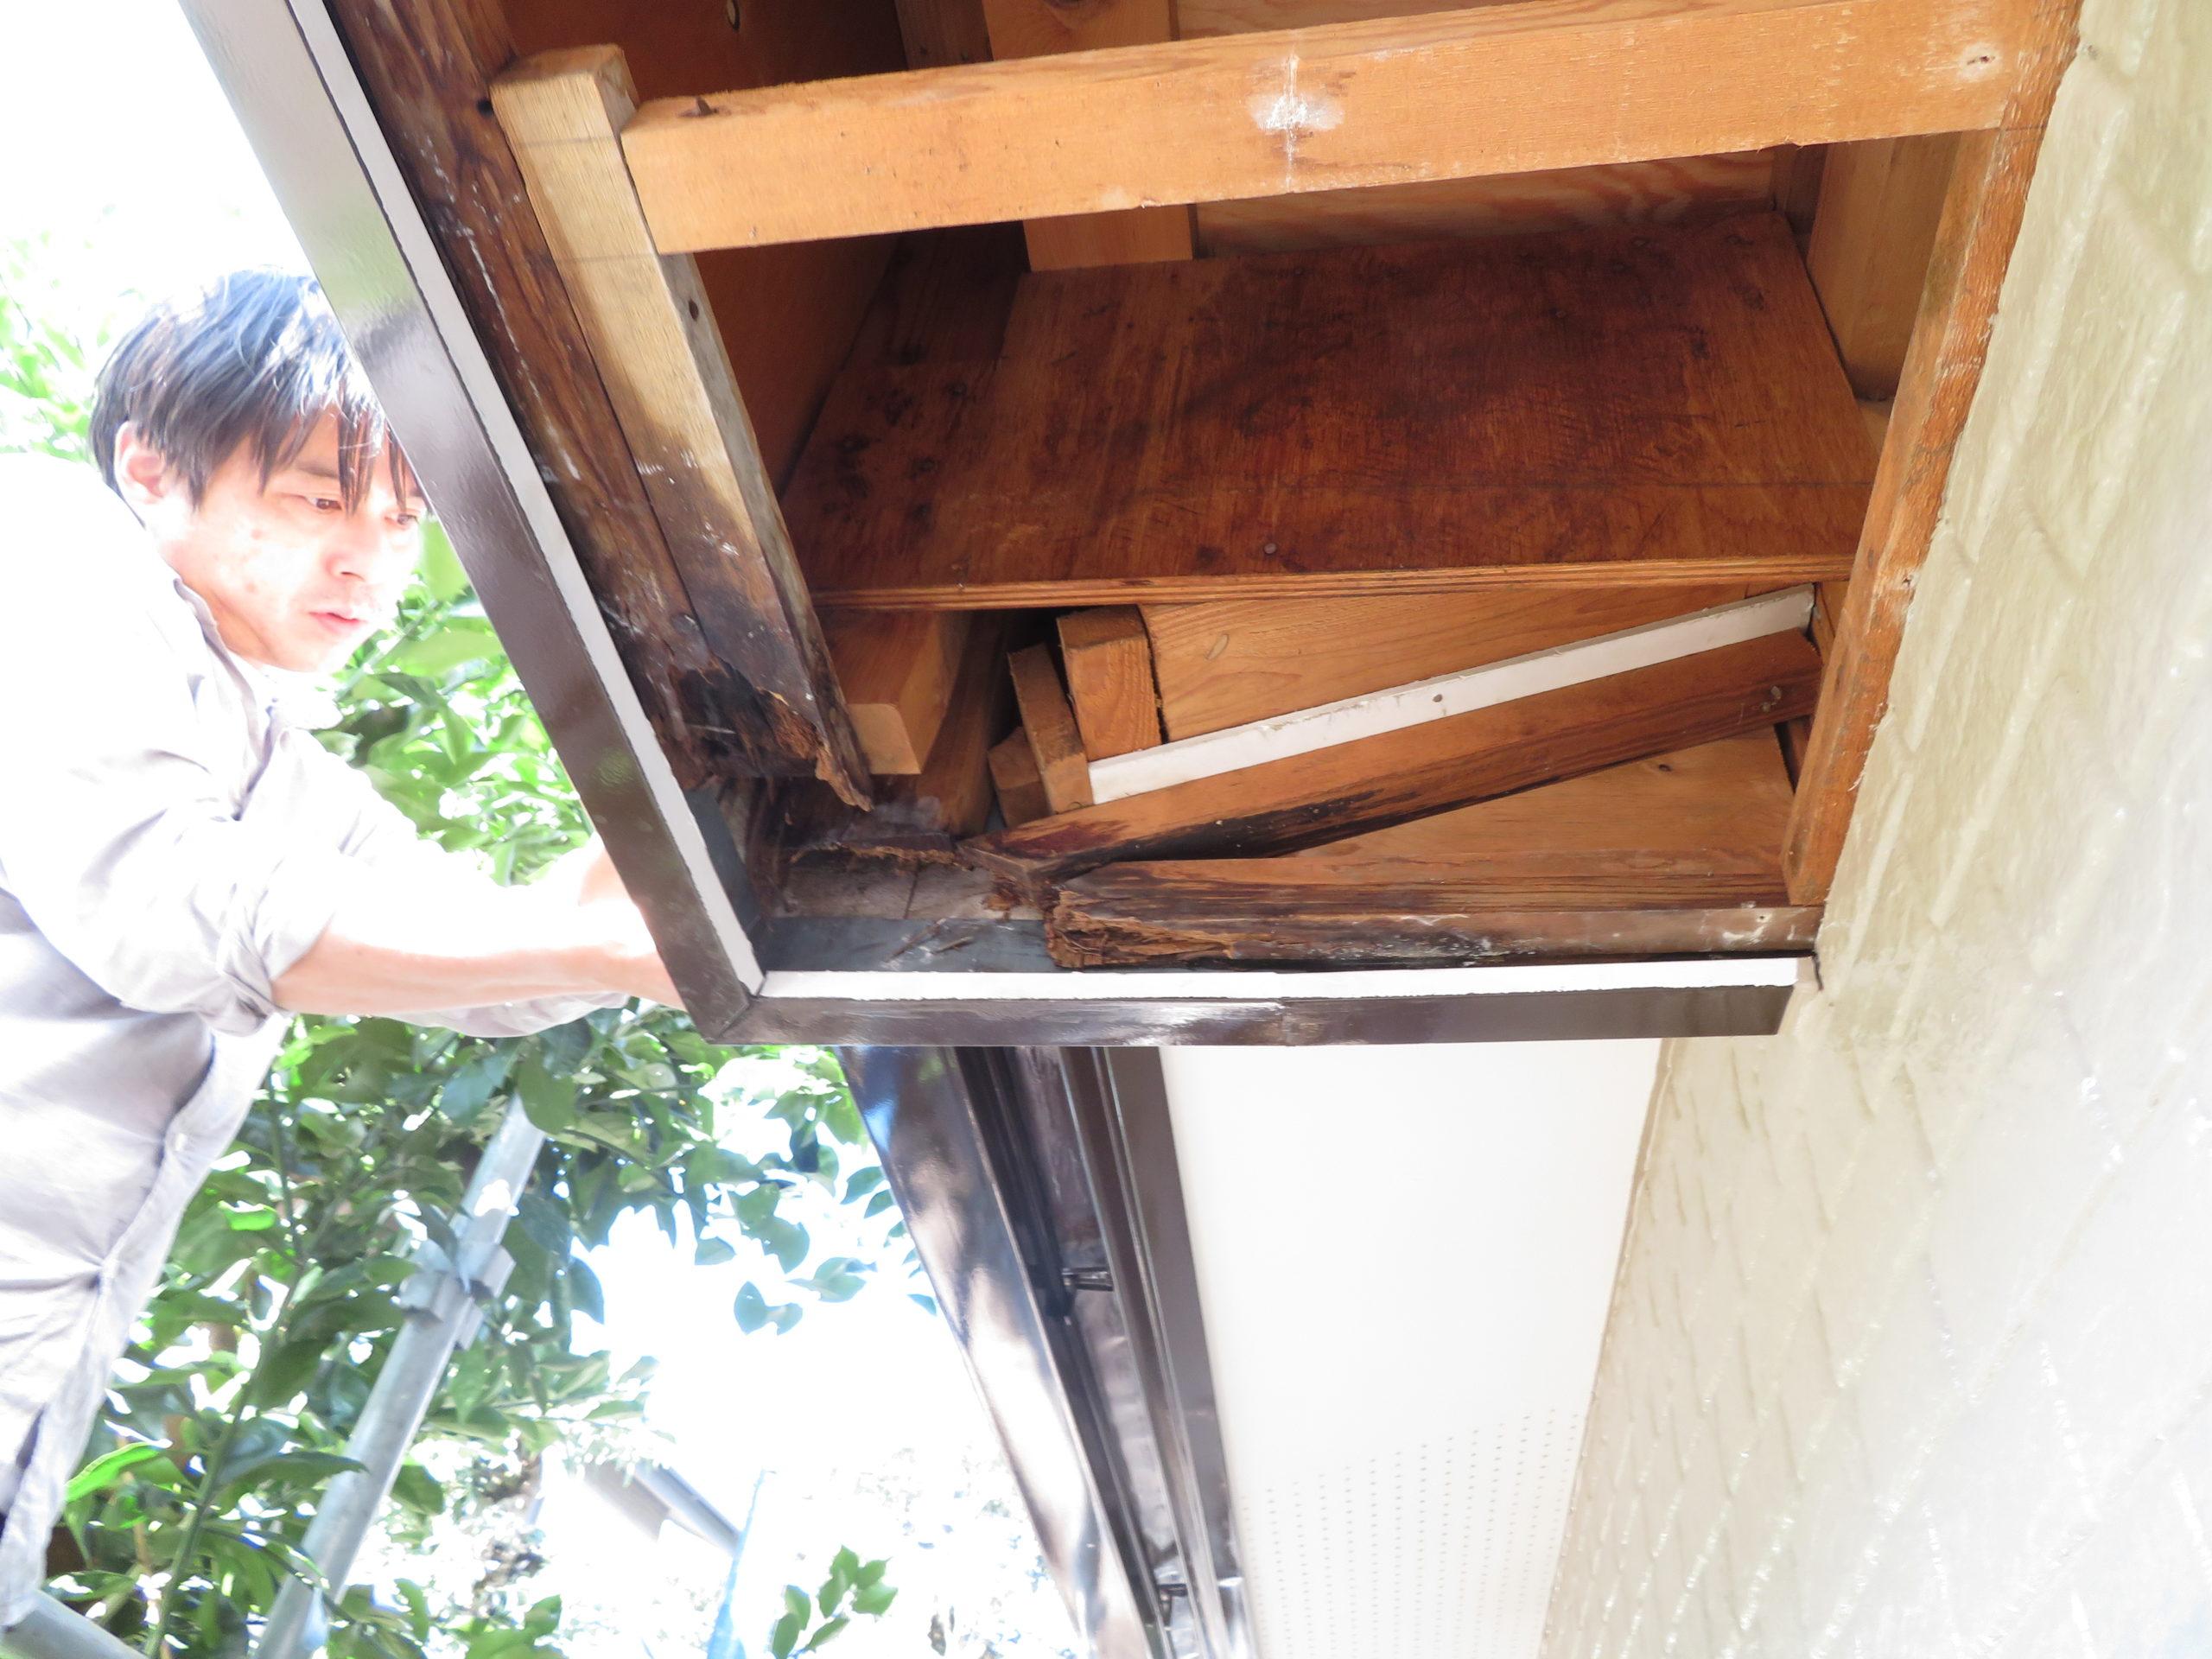 雨漏りの原因である外壁の穴は下の方についていたので、土台の大部分は無事でした。穴を塞いで軒裏を作ります。